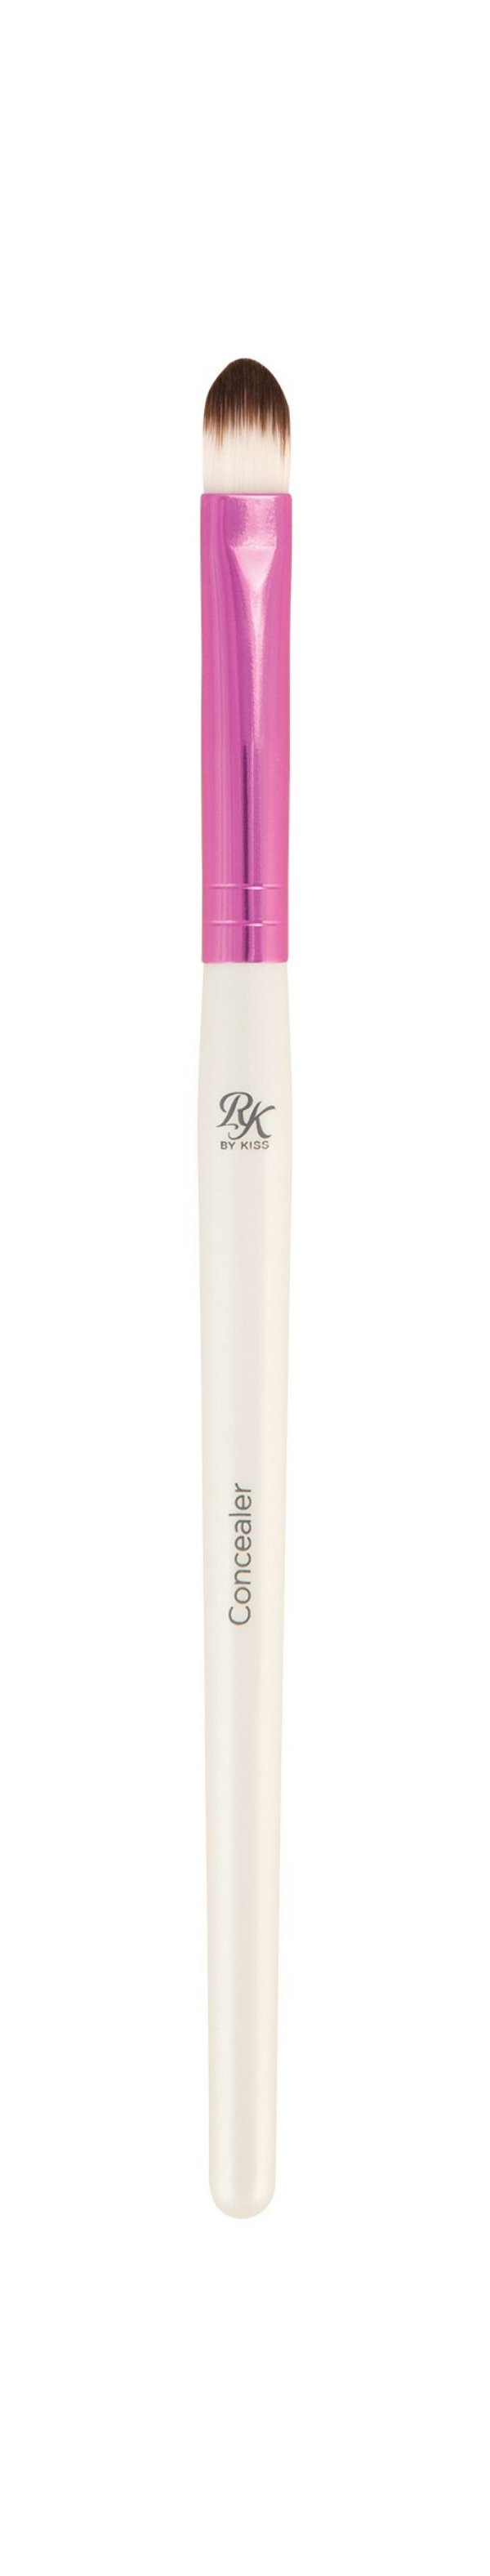 Pincel para Aplicação de Corretivo e Sombra Cremosa - Concealer - RK by Kiss - RMUB07